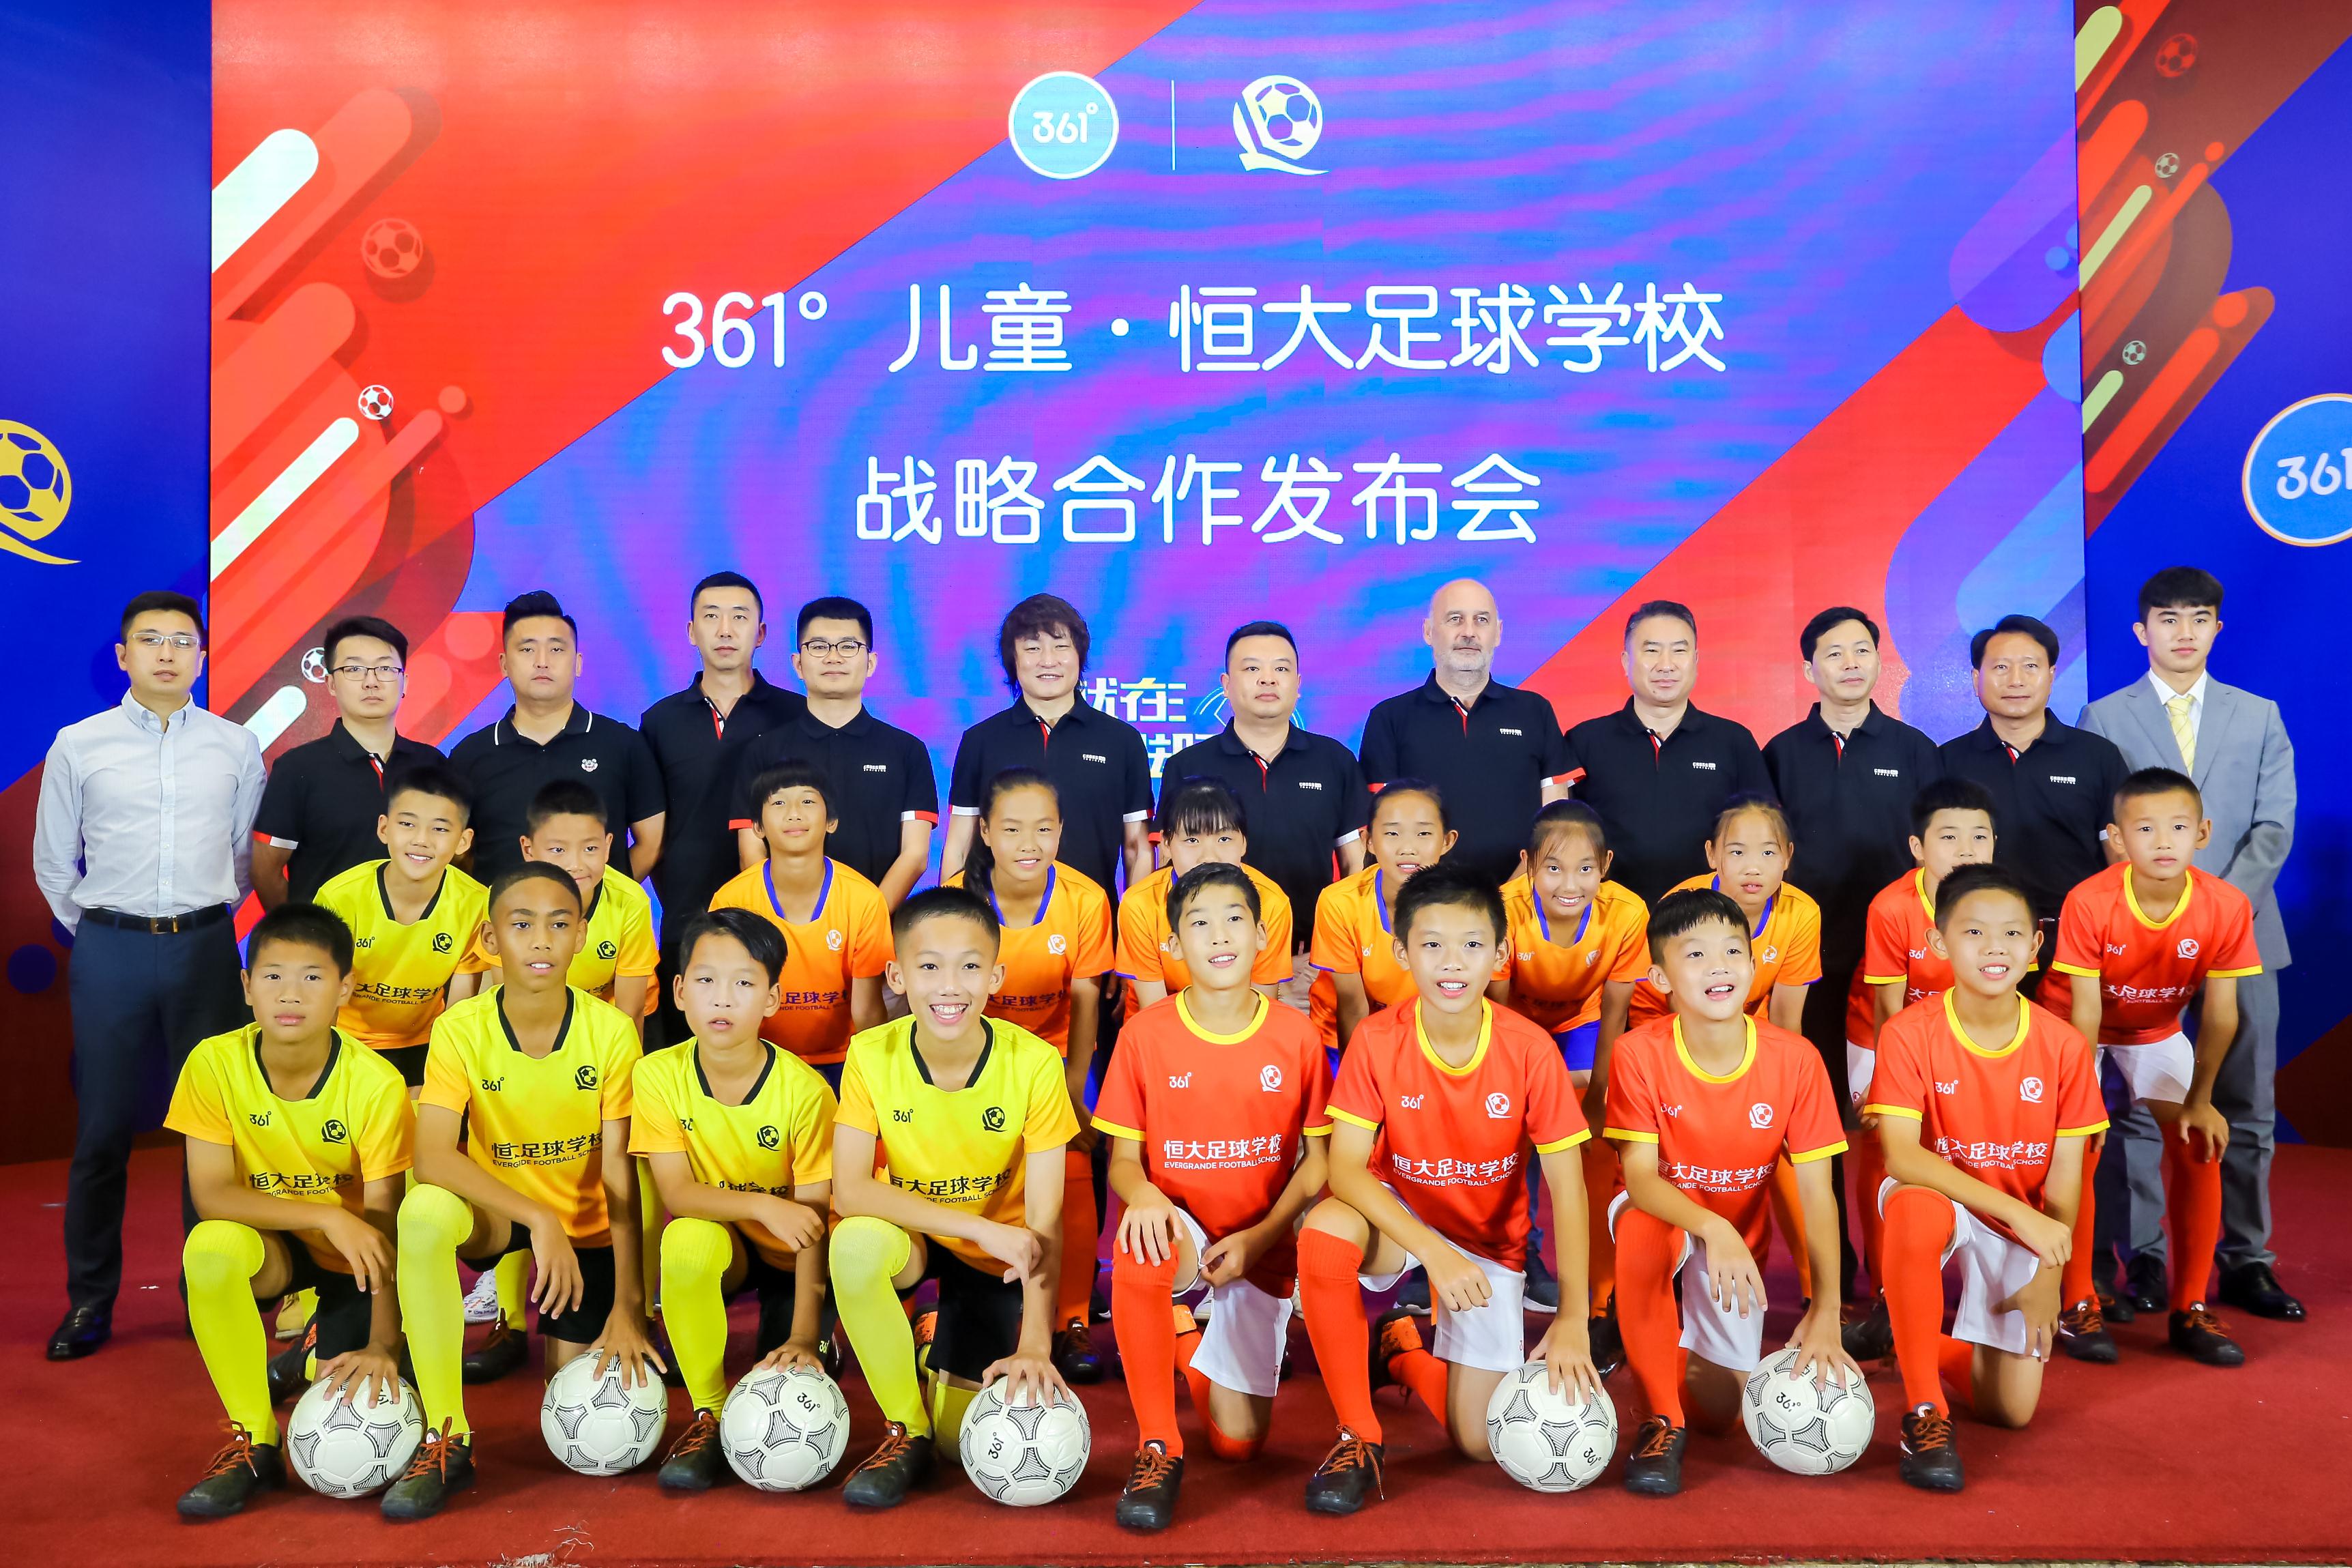 """61°儿童与恒大足球学校战略合作,推动青训足球事业发展"""""""